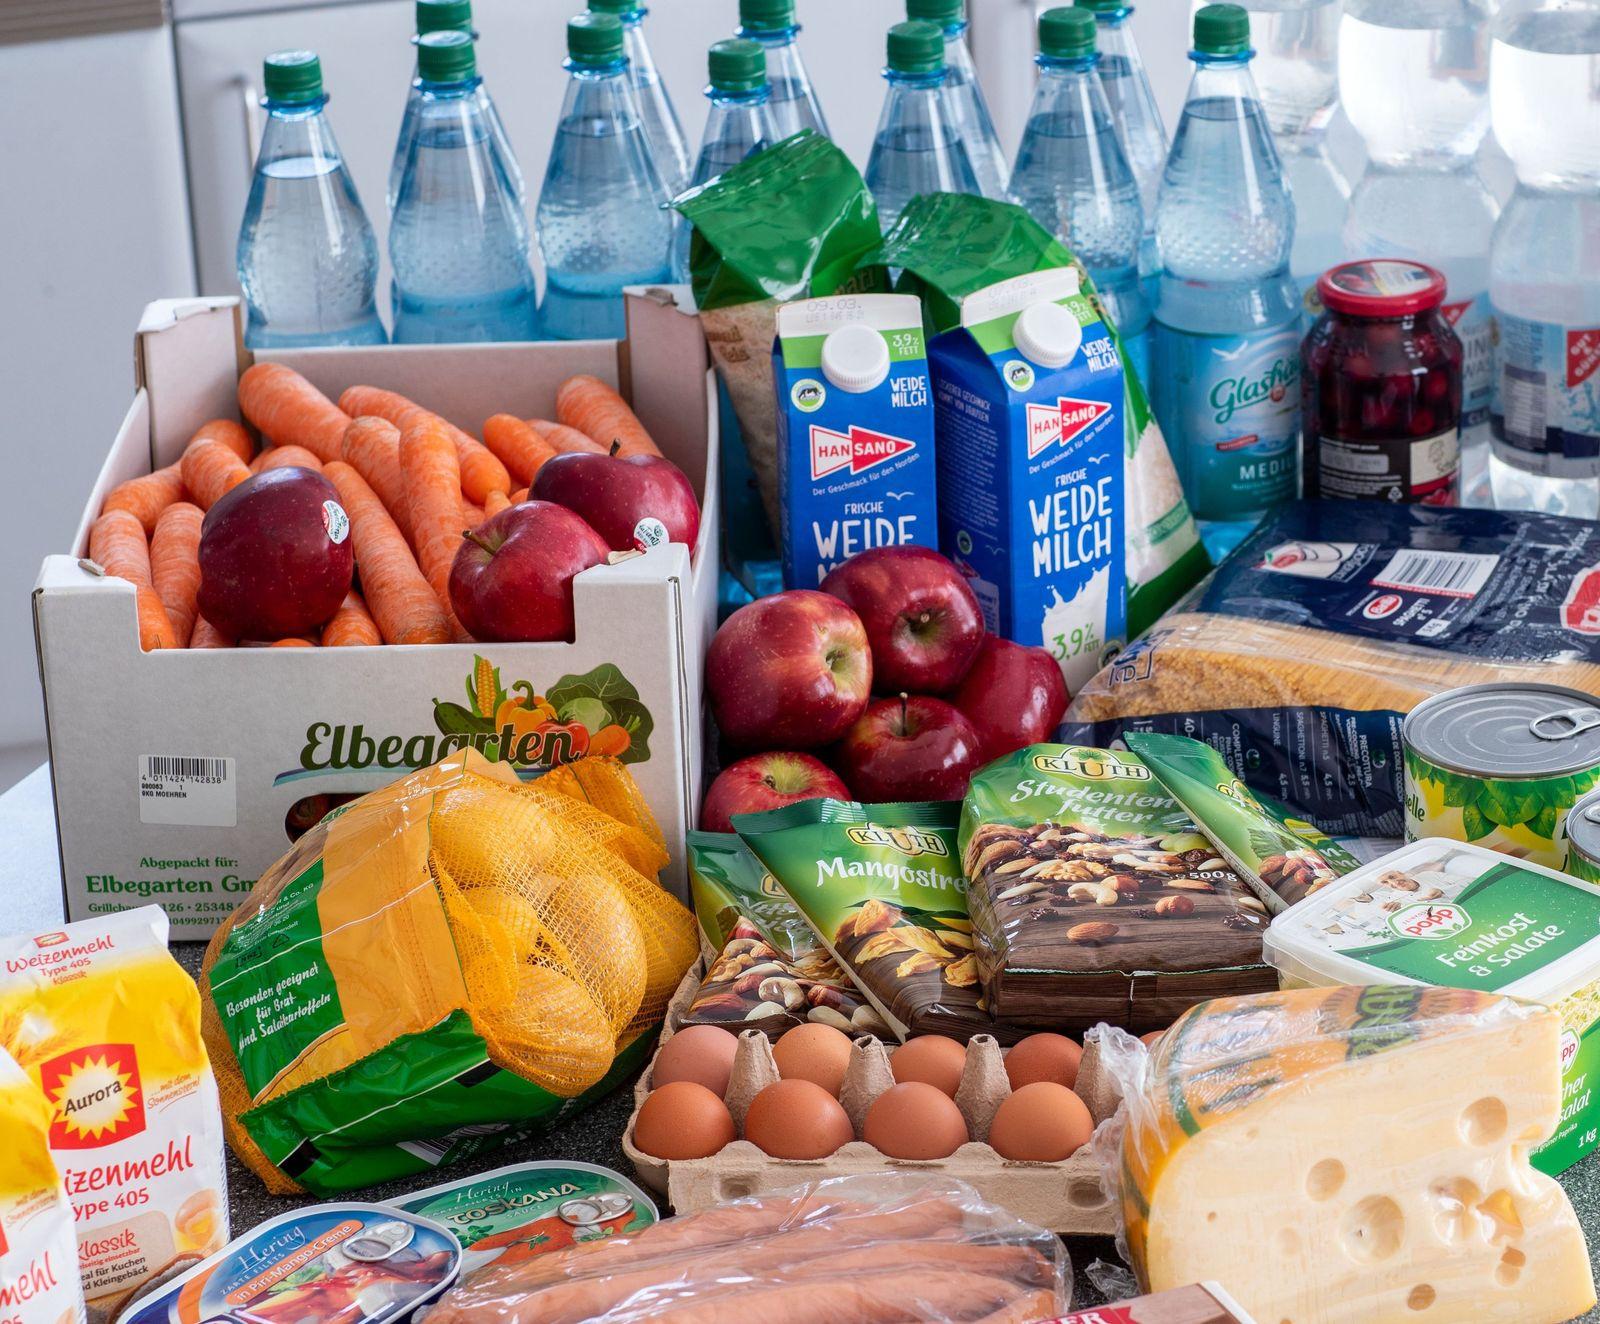 Lebensmittelhändler wollen Steuervorteile an Kunden weitergeben